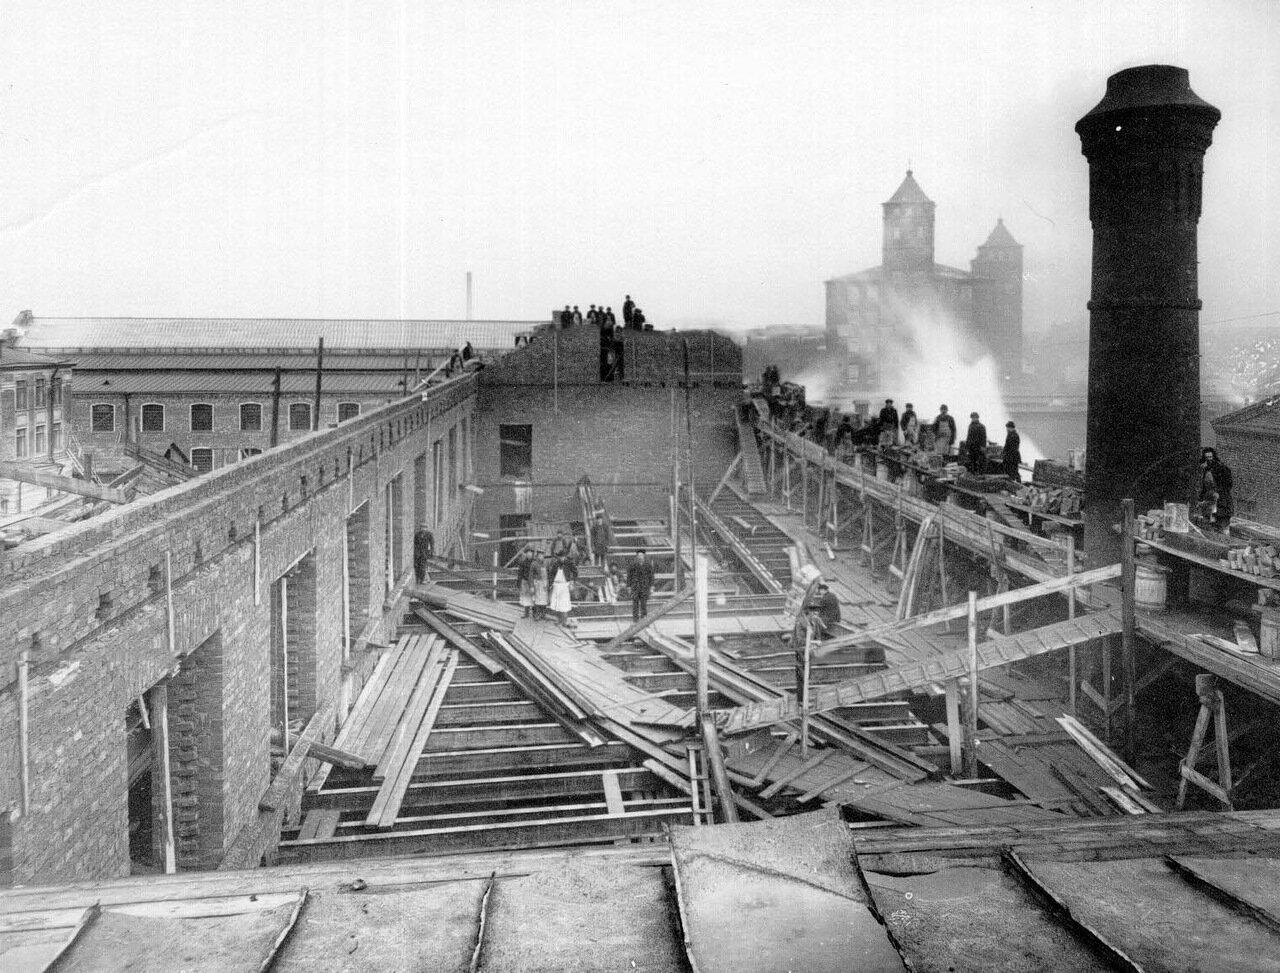 02.Внешний вид строящегося завода. 1914